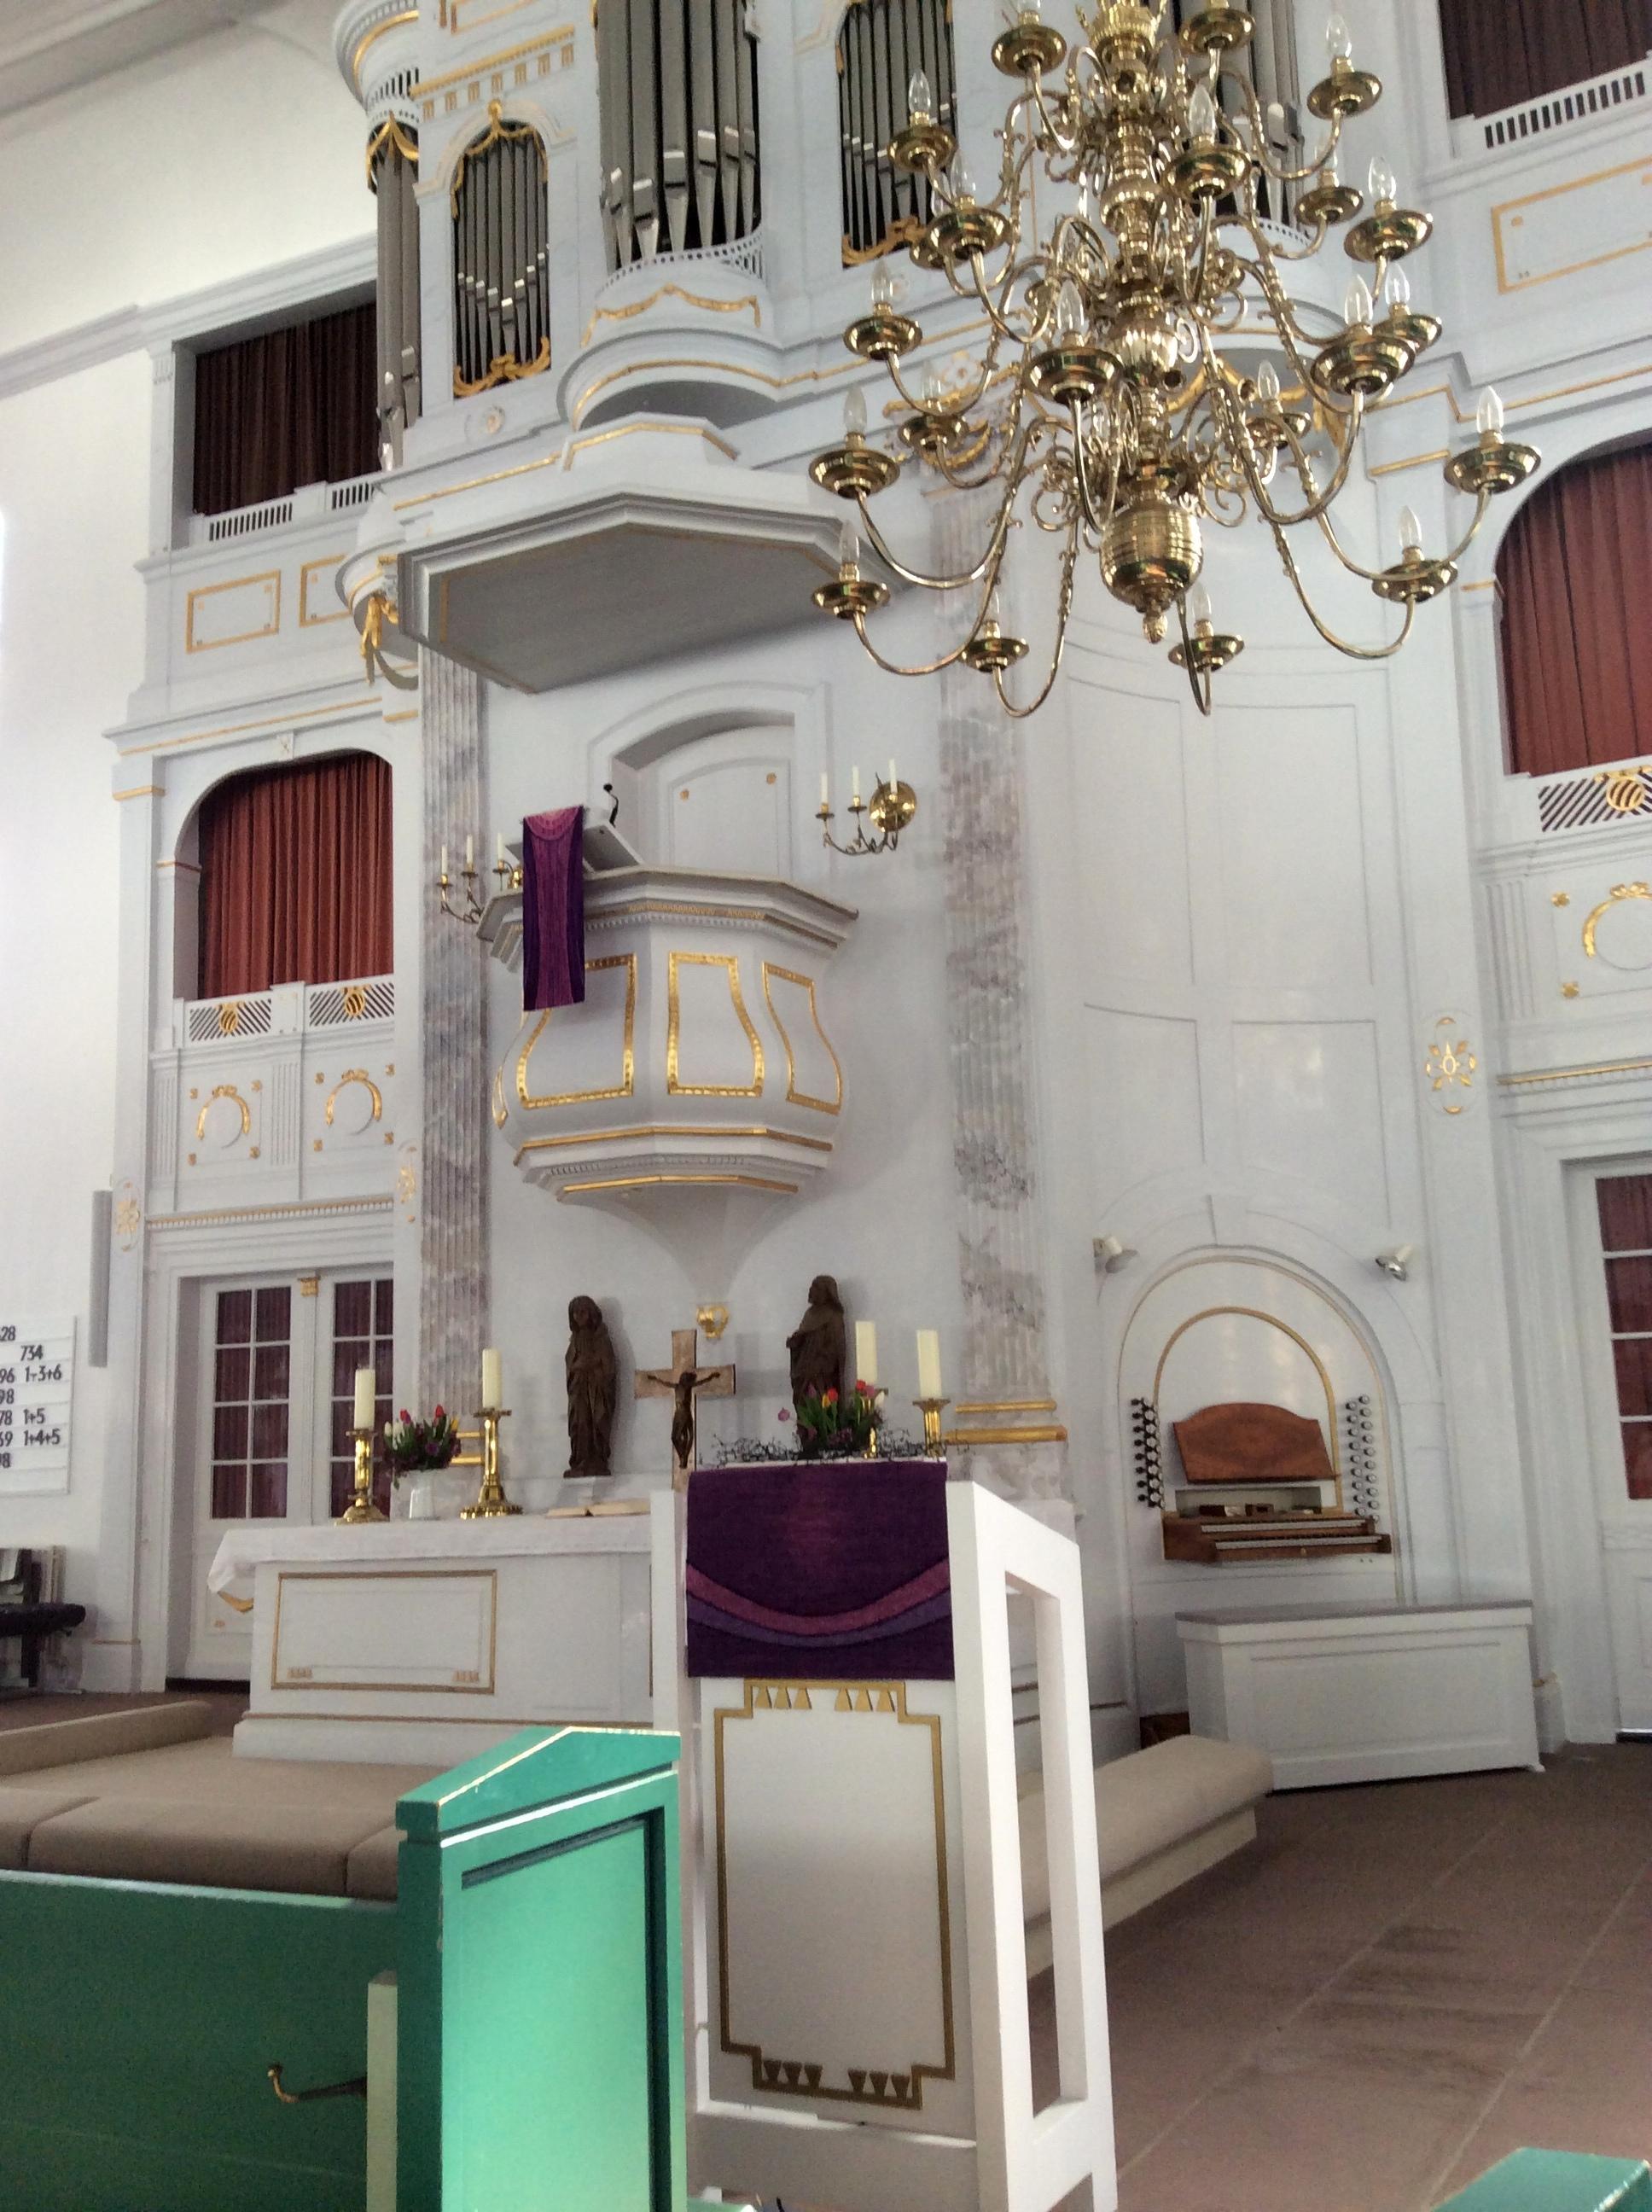 St. Petri Ratzeburg